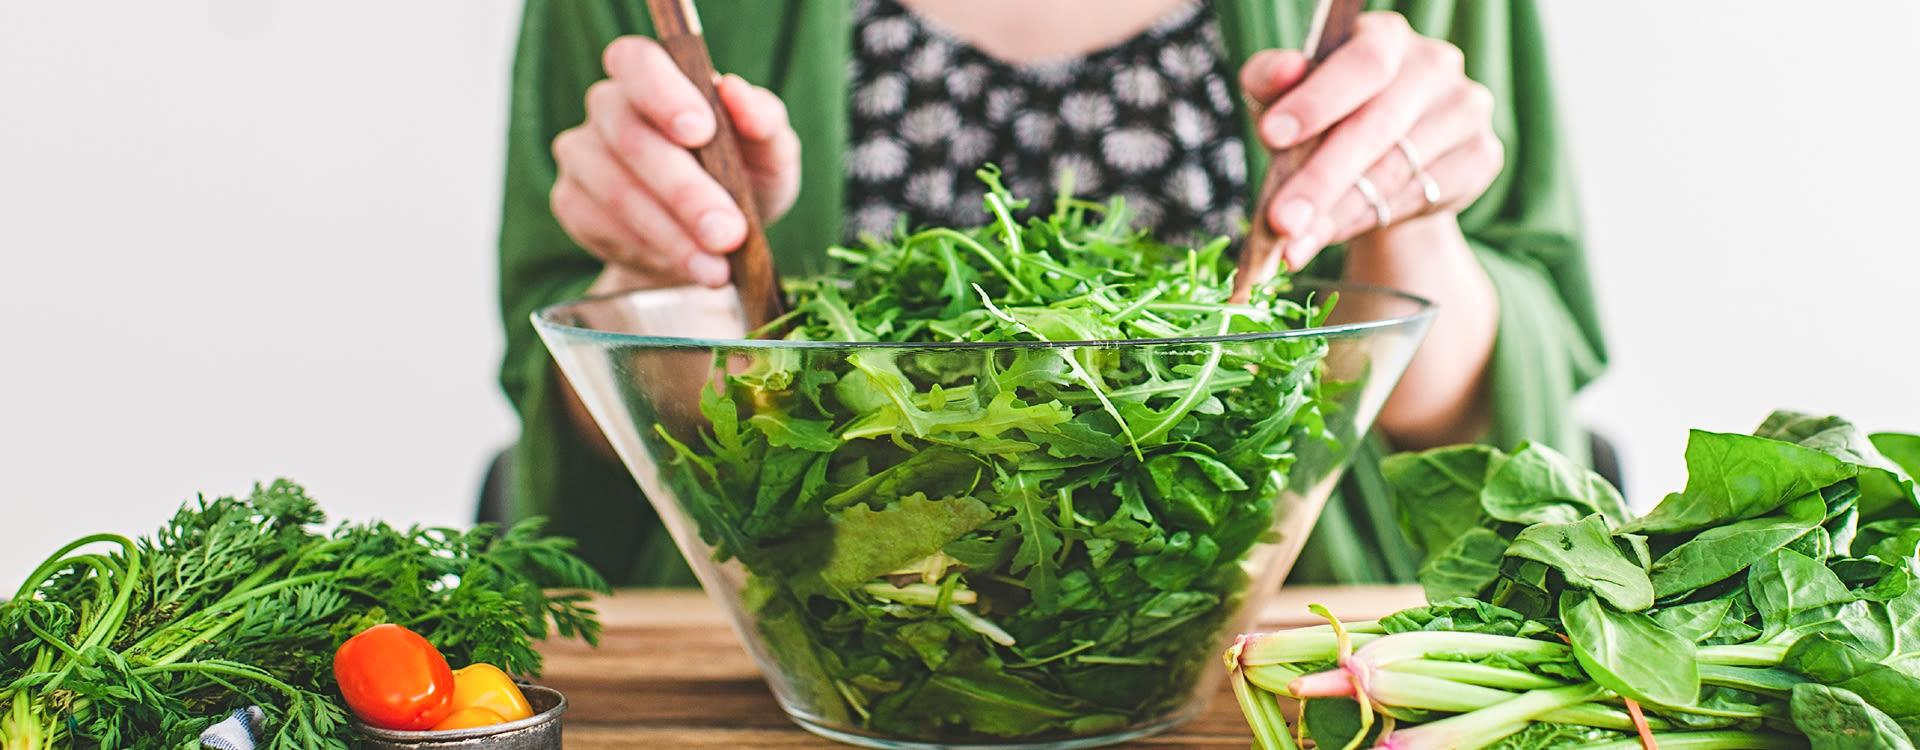 Et alternativ til å kutte opp selv, er å kjøpe poser med ferdig vasket og oppkuttet salat fra BAMA.